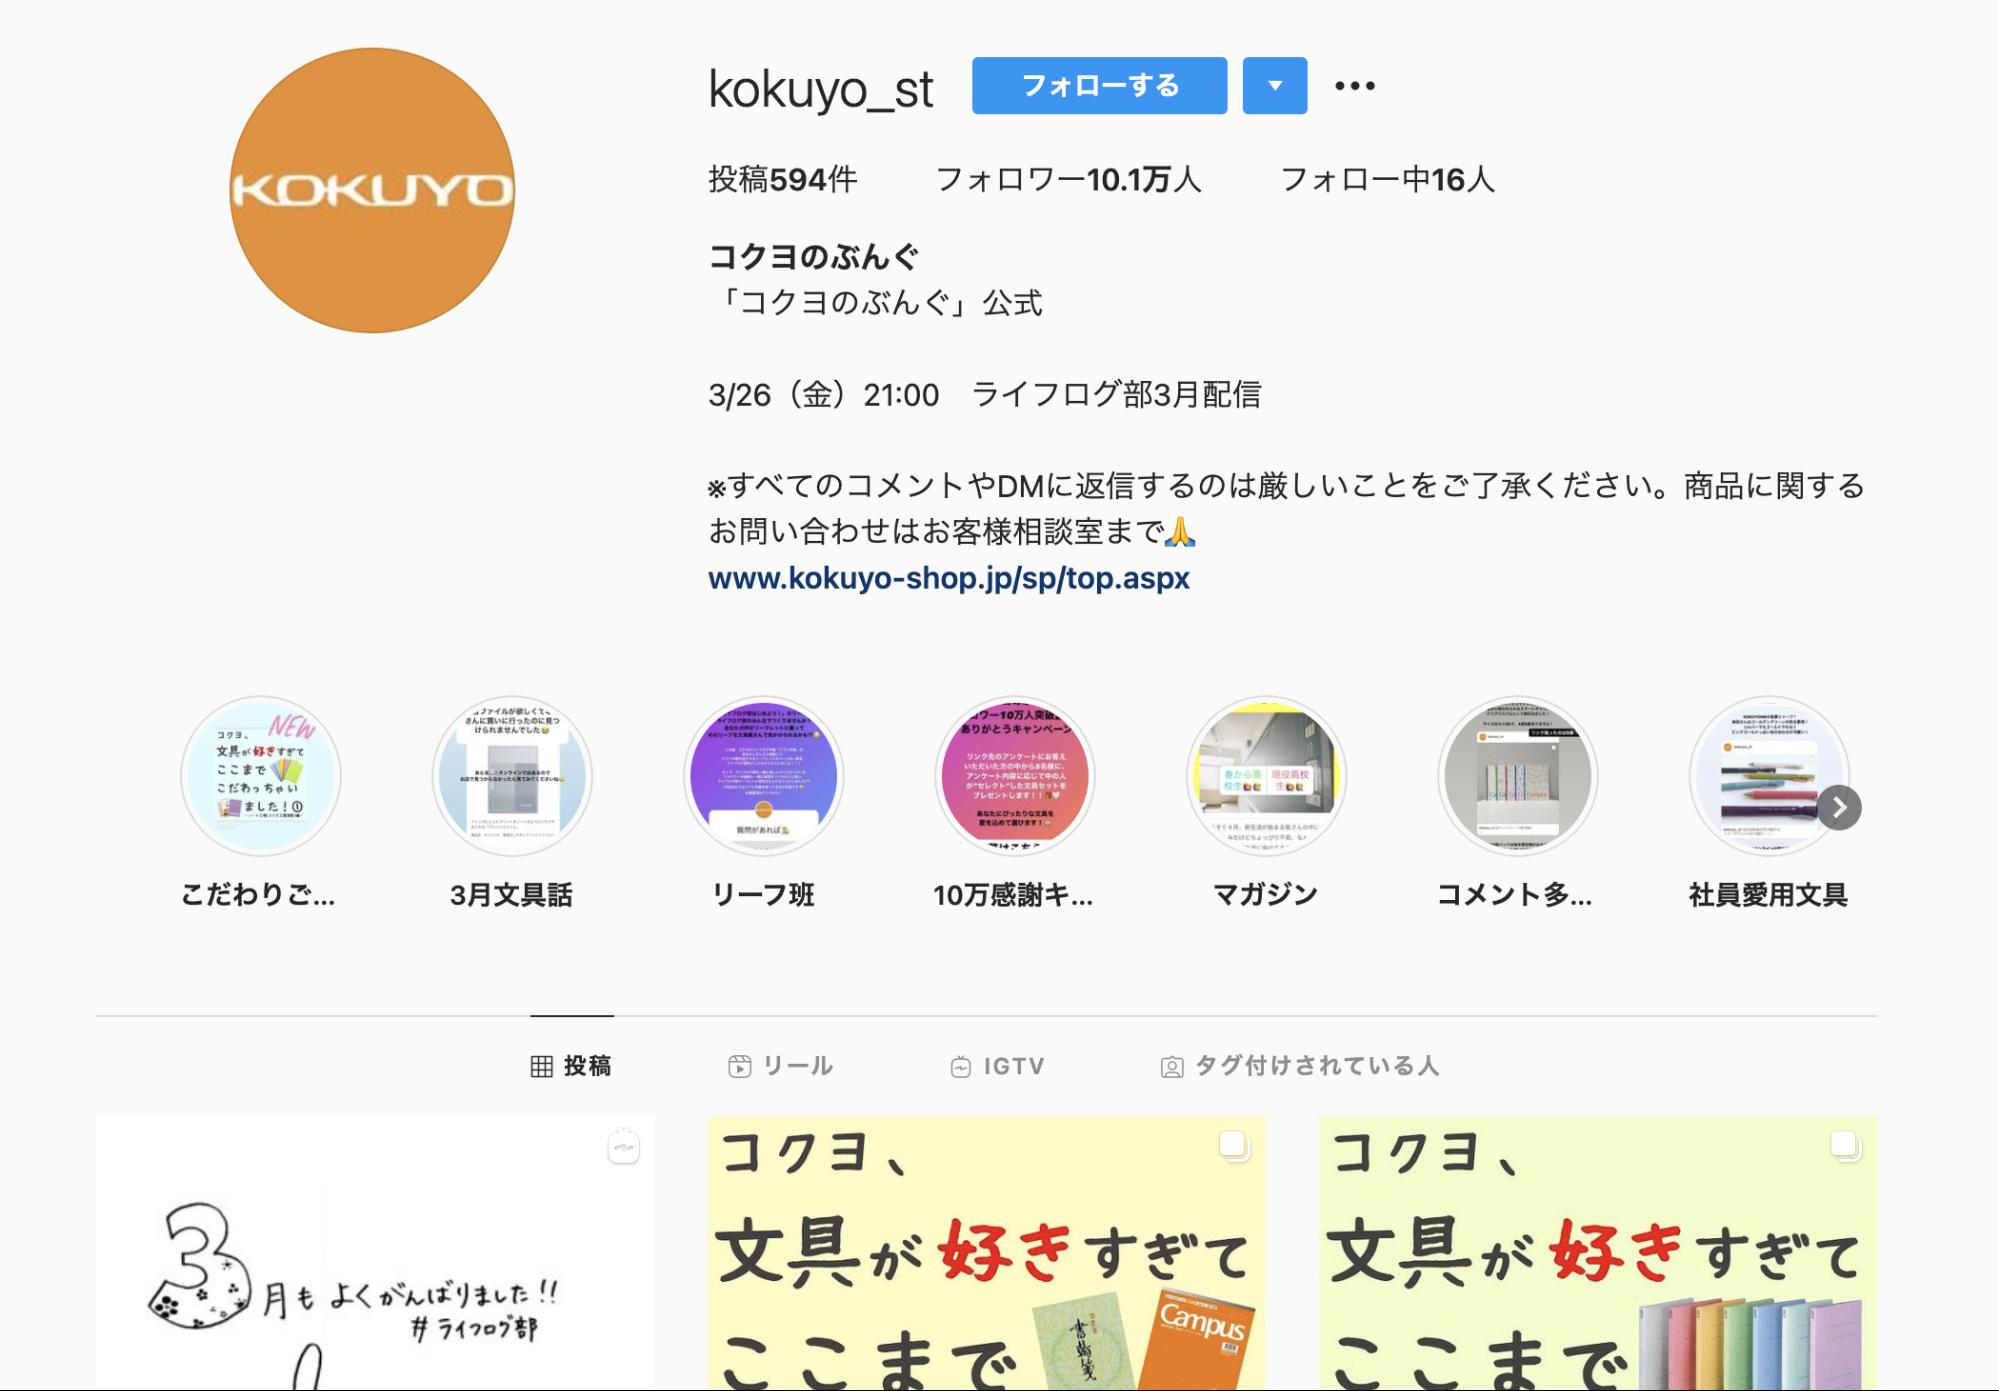 KOKUYO Instagram